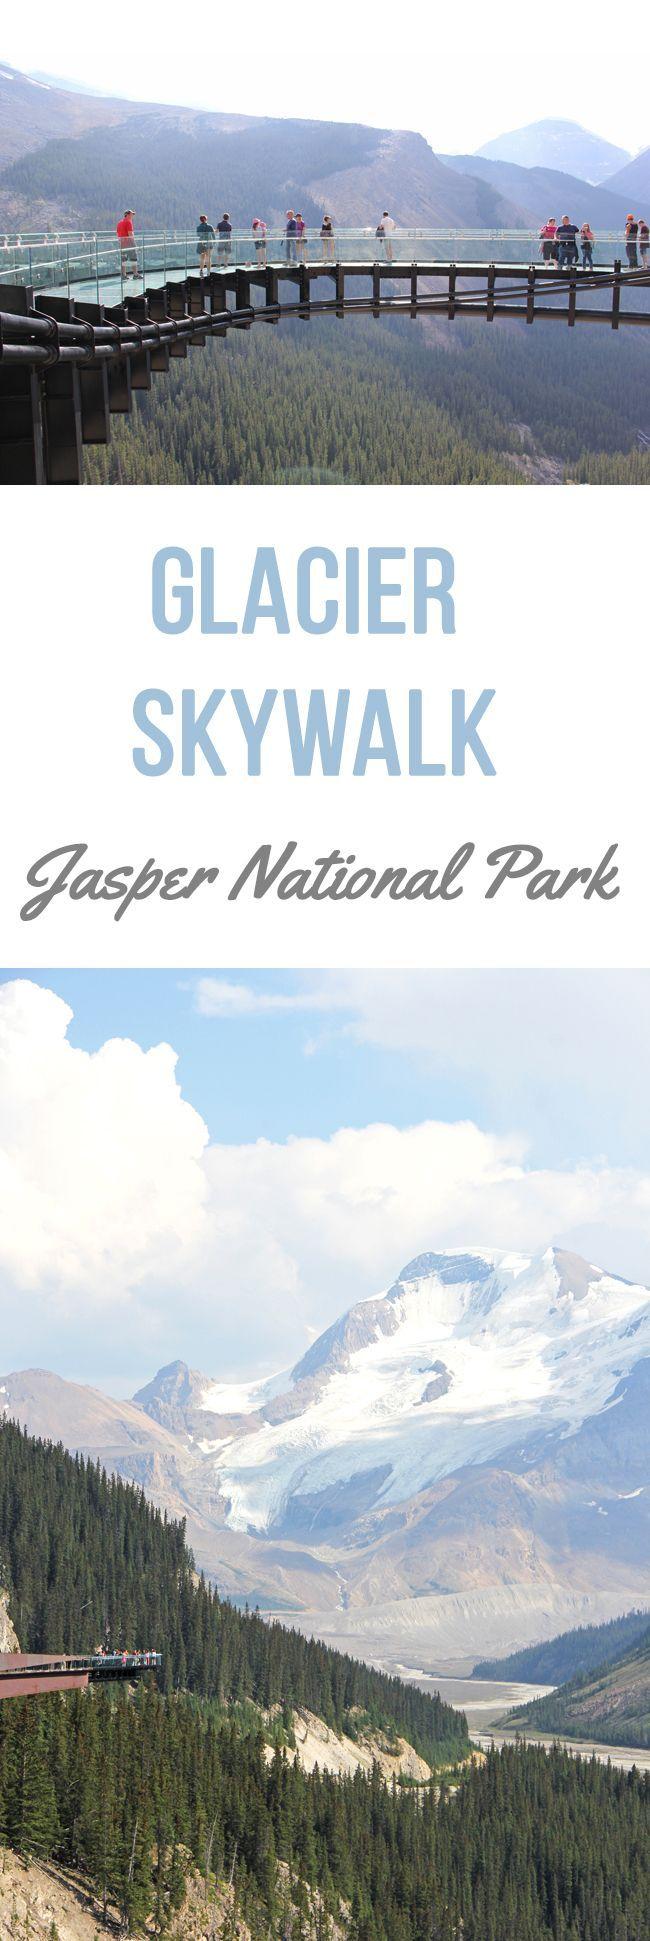 Glacier Skywalk, Jasper National Park